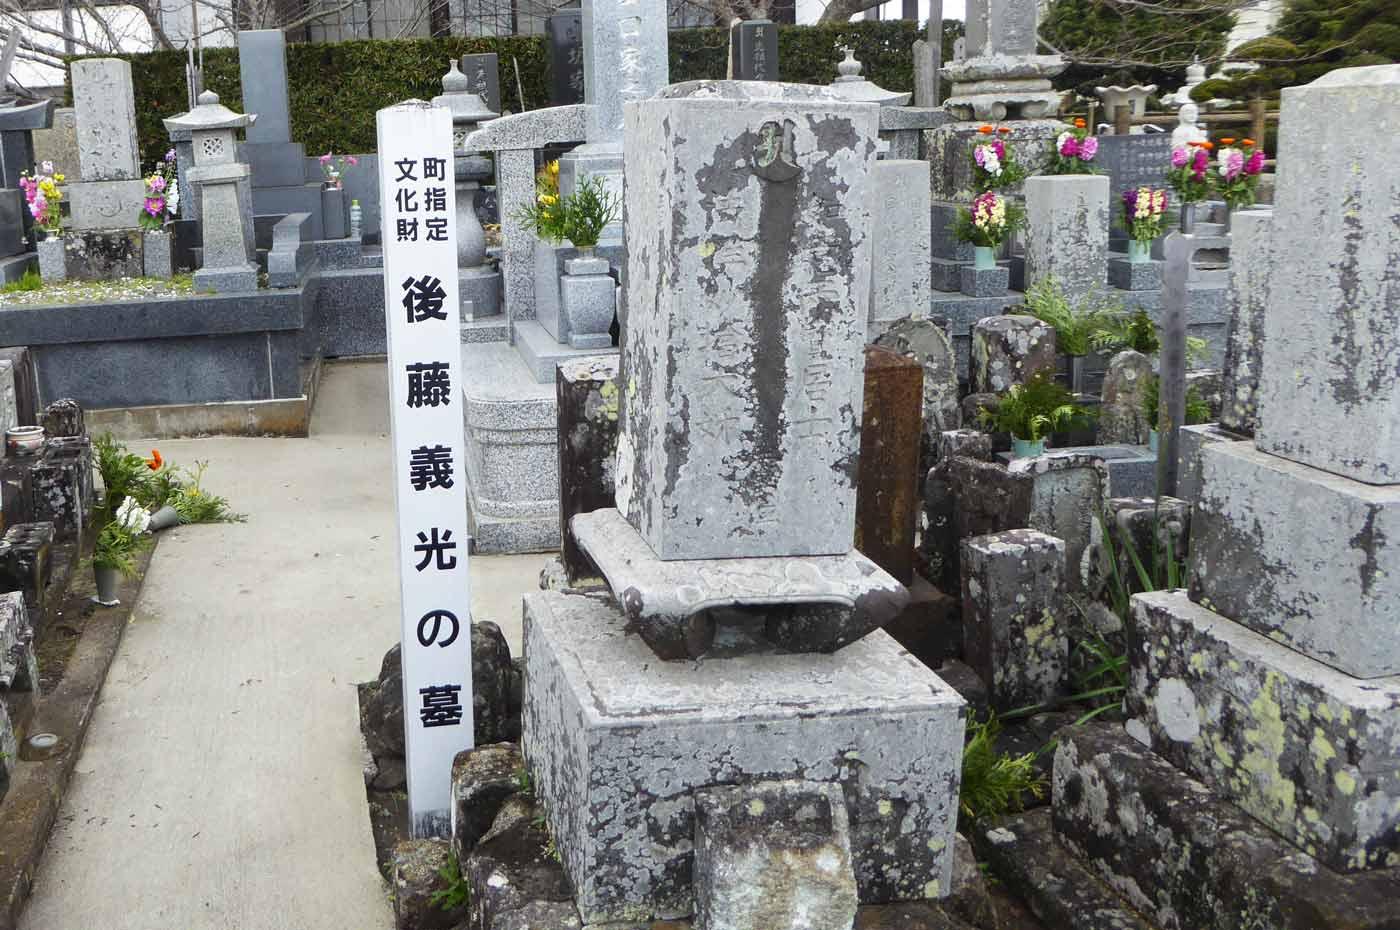 後藤義光の墓(正面)の画像